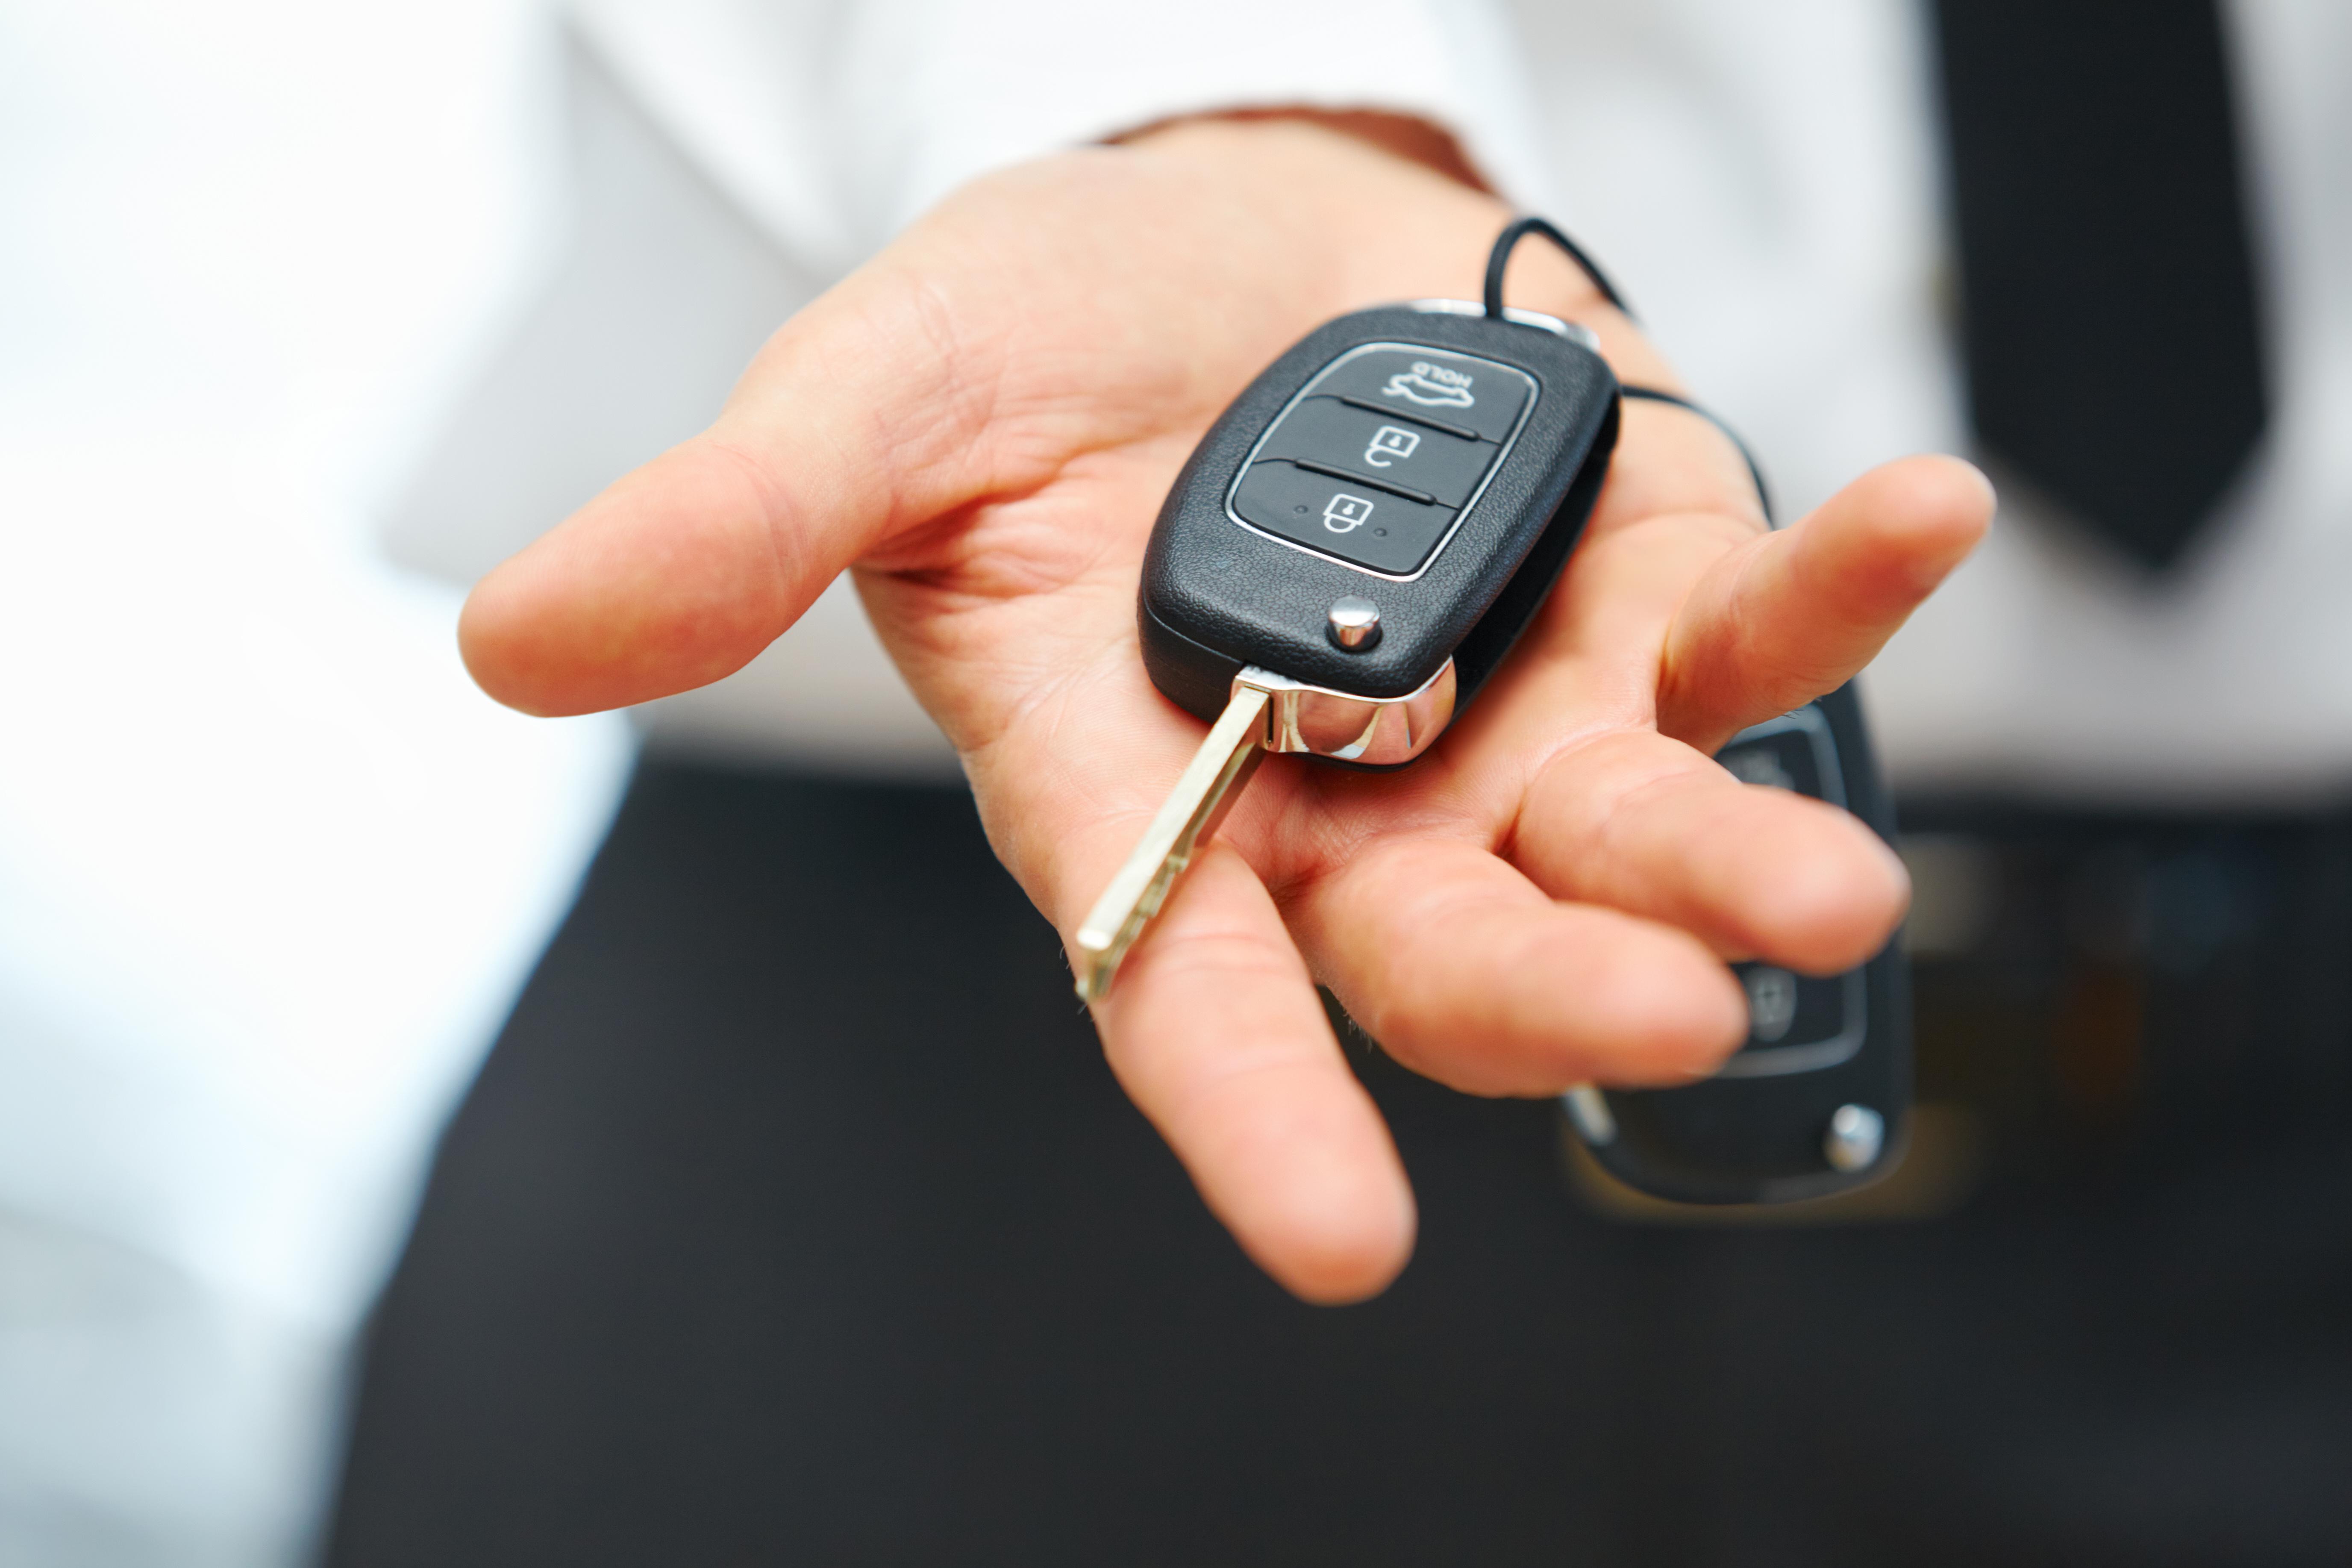 Repair & Replacement of Car Fobs in El Paso TX 24 7 Mobile Locksmith